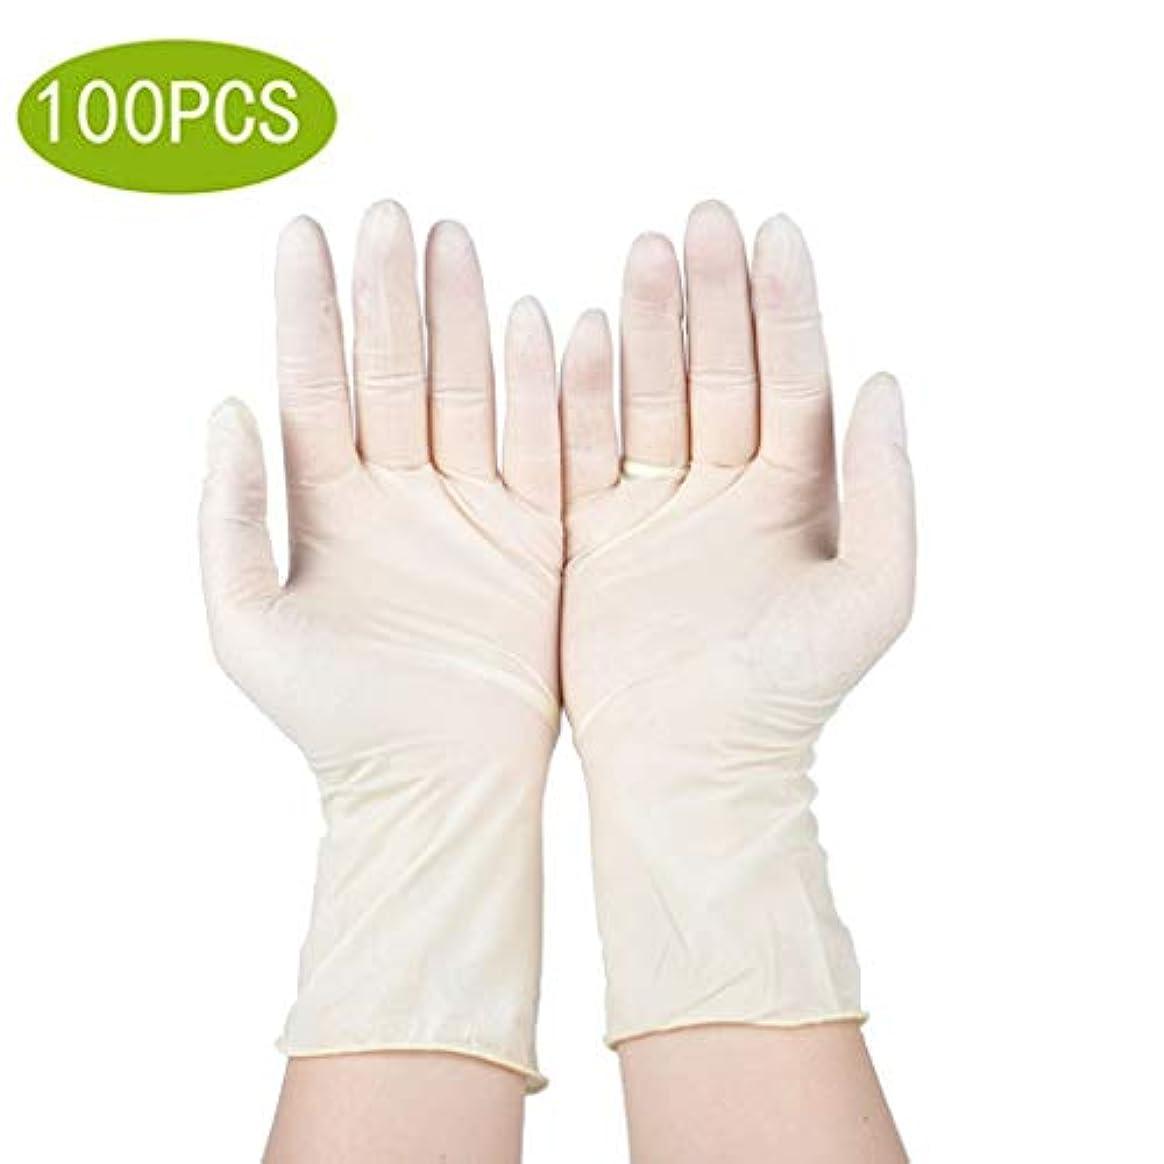 勇気のあるアイザックフィードバックニトリル手袋義務使い捨てビニール手袋、100カウント、特大 - パウダーフリー、両性、極度の快適さ、特別に強く、丈夫で伸縮性がある、医療、食品、マルチユース (Color : Latex Gloves, Size : M)